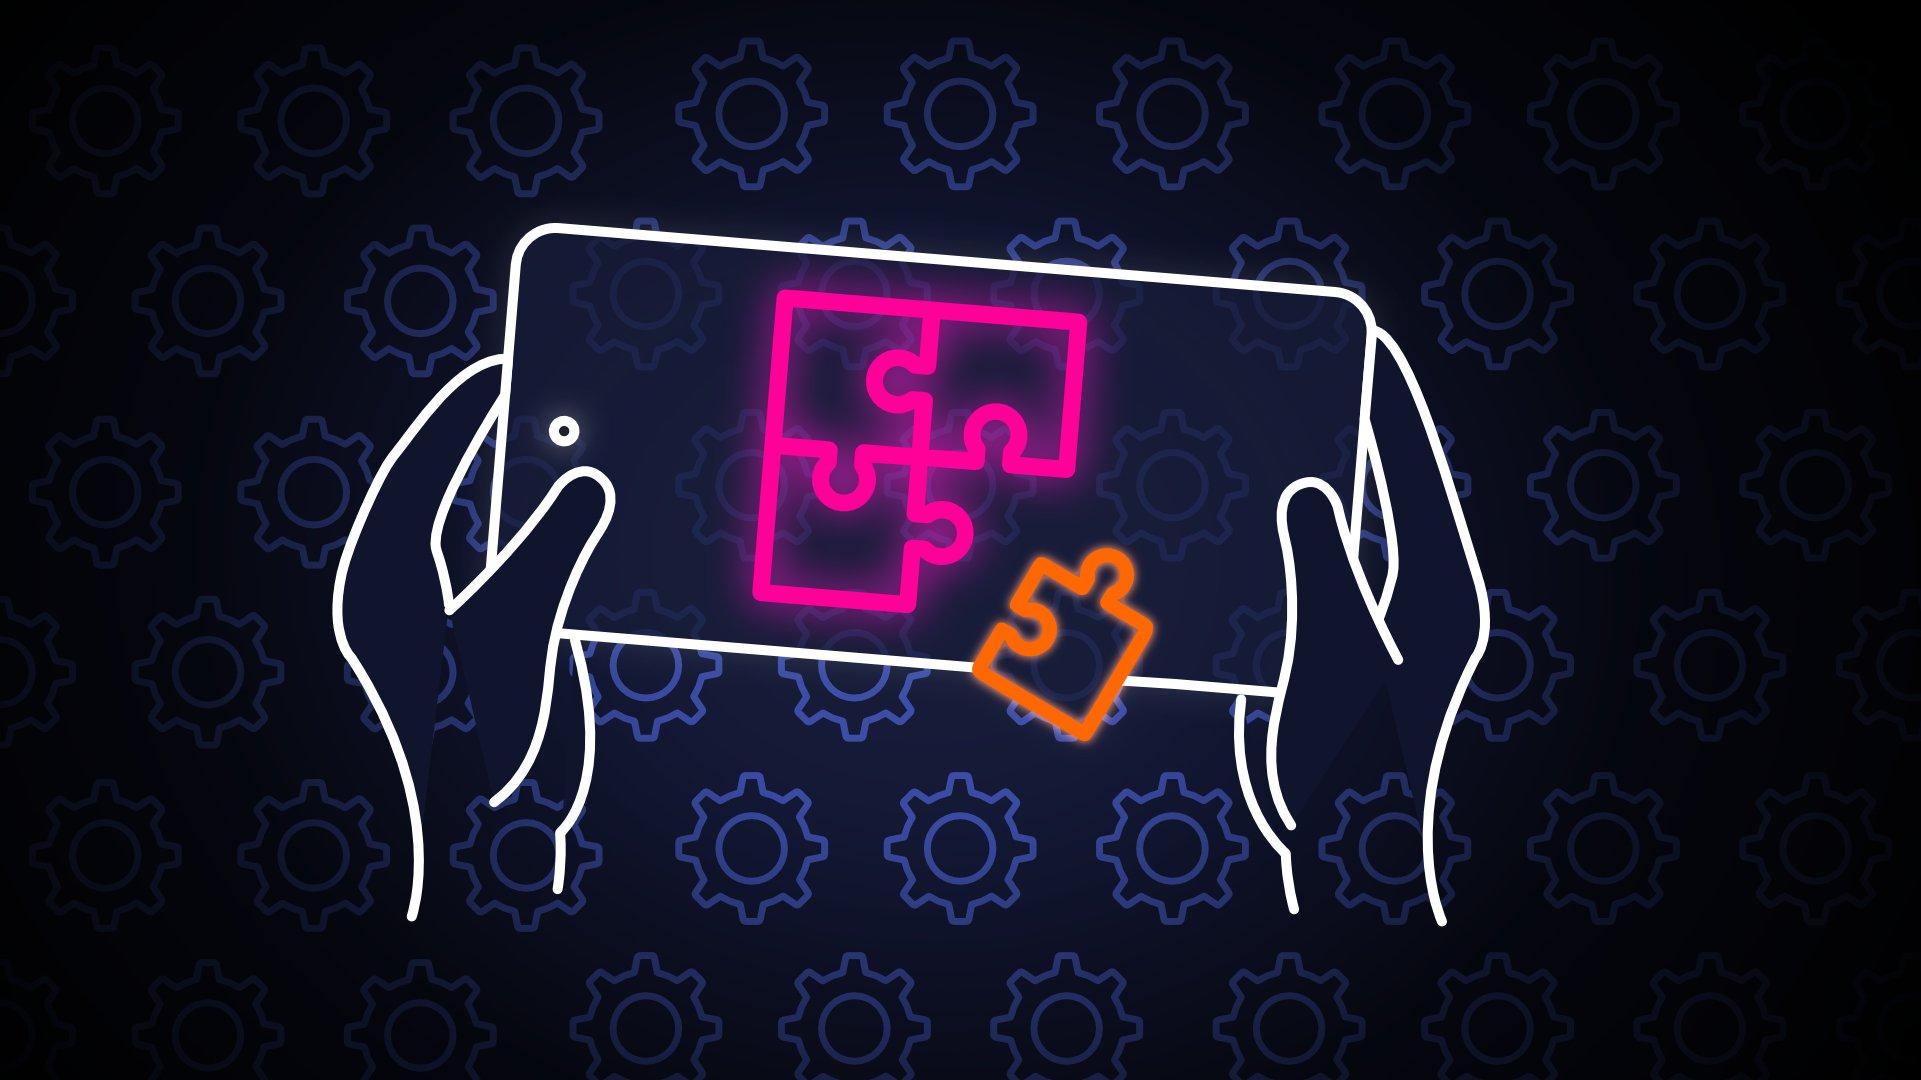 Les Meilleurs Jeux De Réflexion Gratuits Et Payants Sur Android à Jeu Pour Garcon De 6 Ans ...